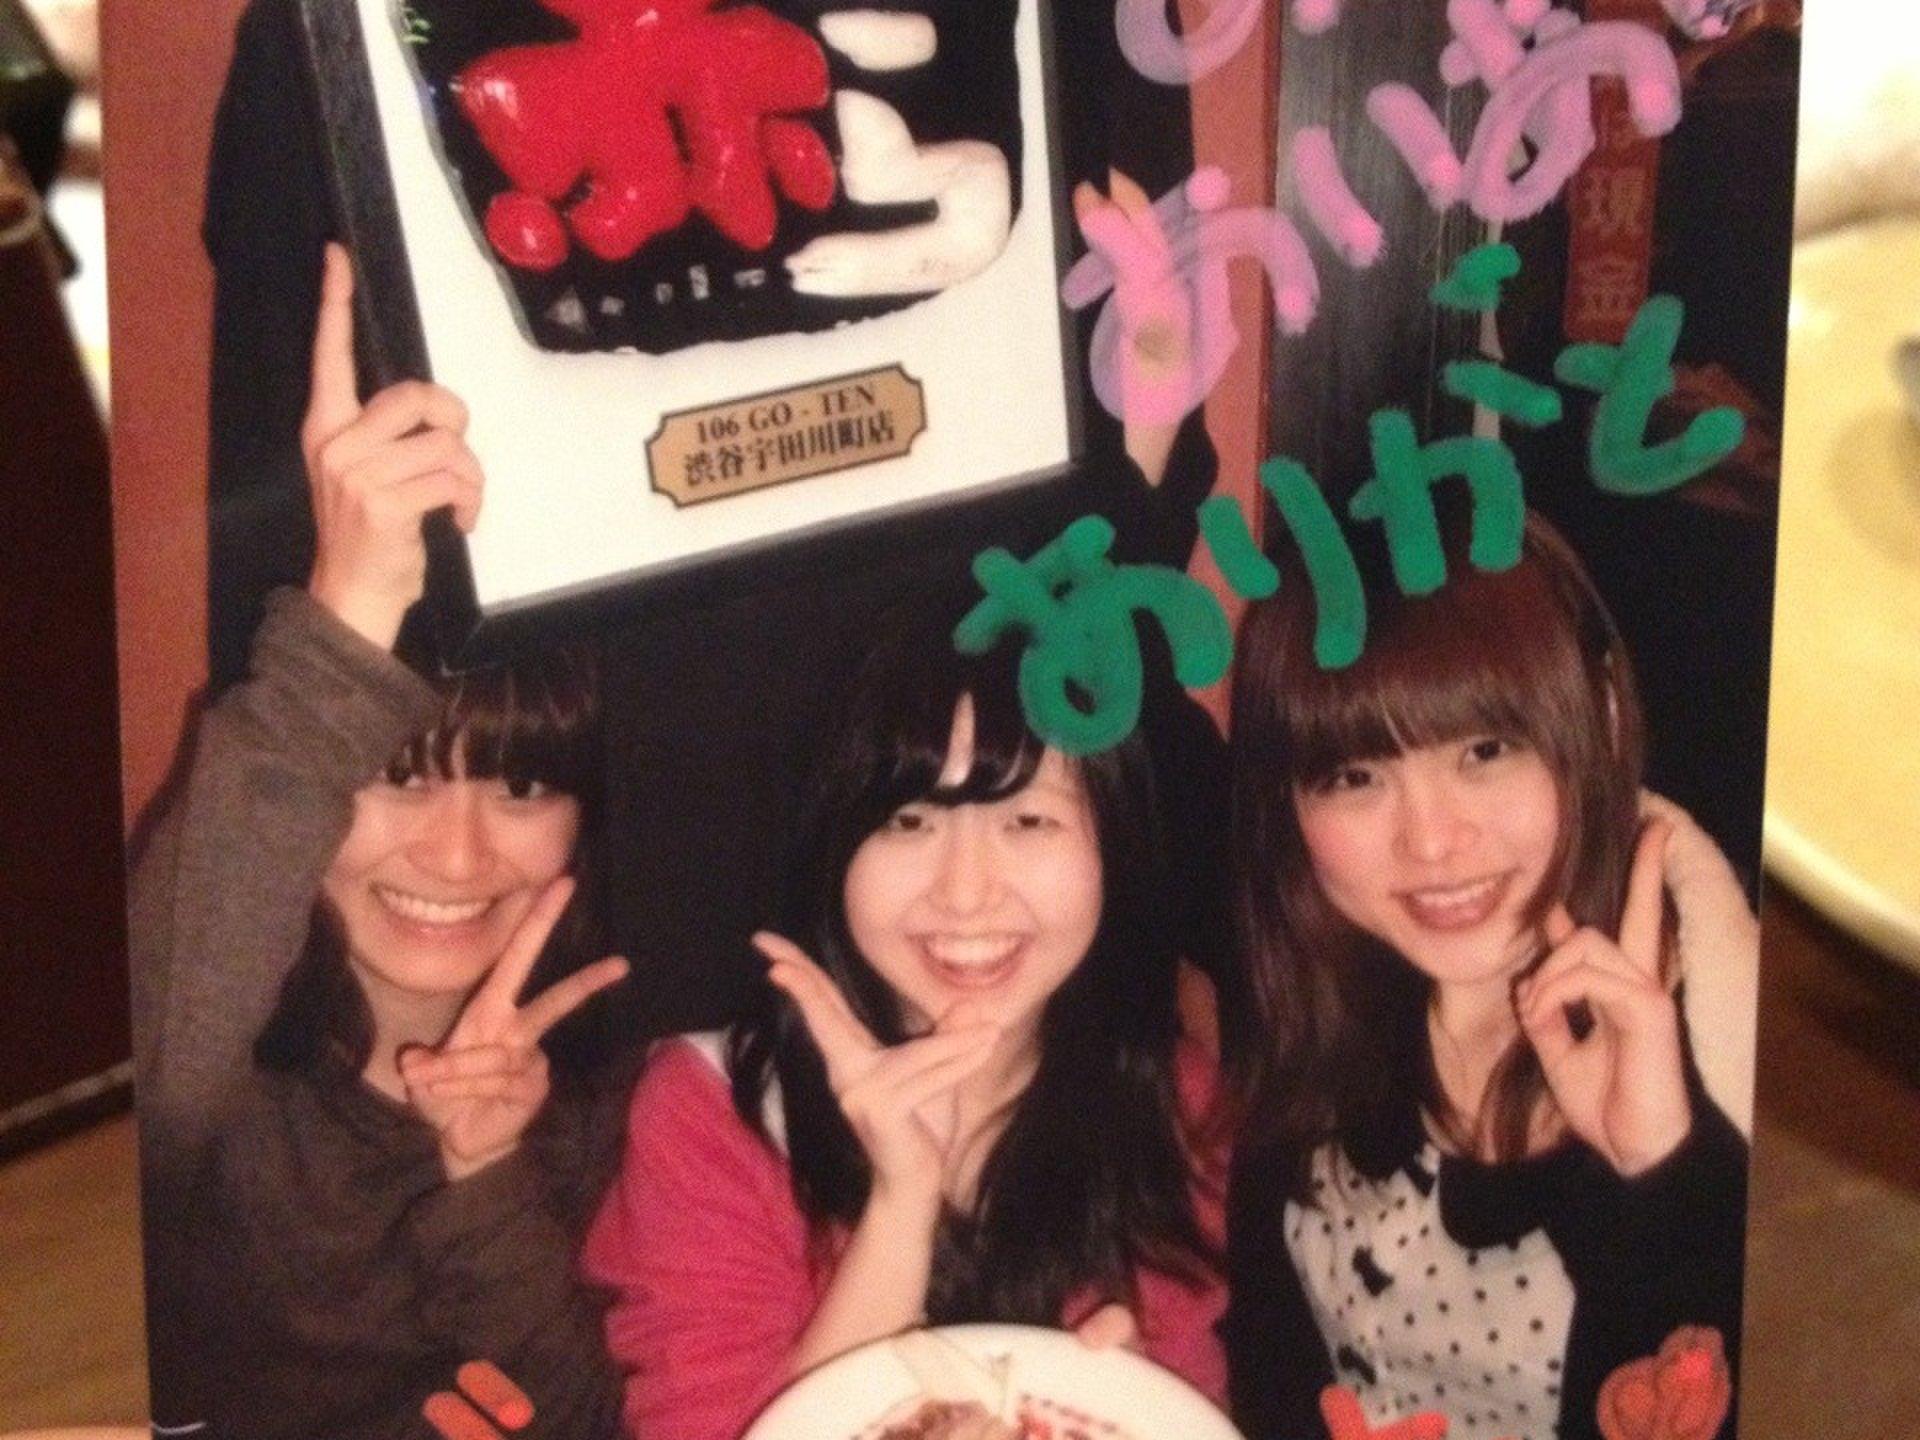 【渋谷でサプライズ誕生日パーティ】ディズニーストアでプレゼントから赤からへ